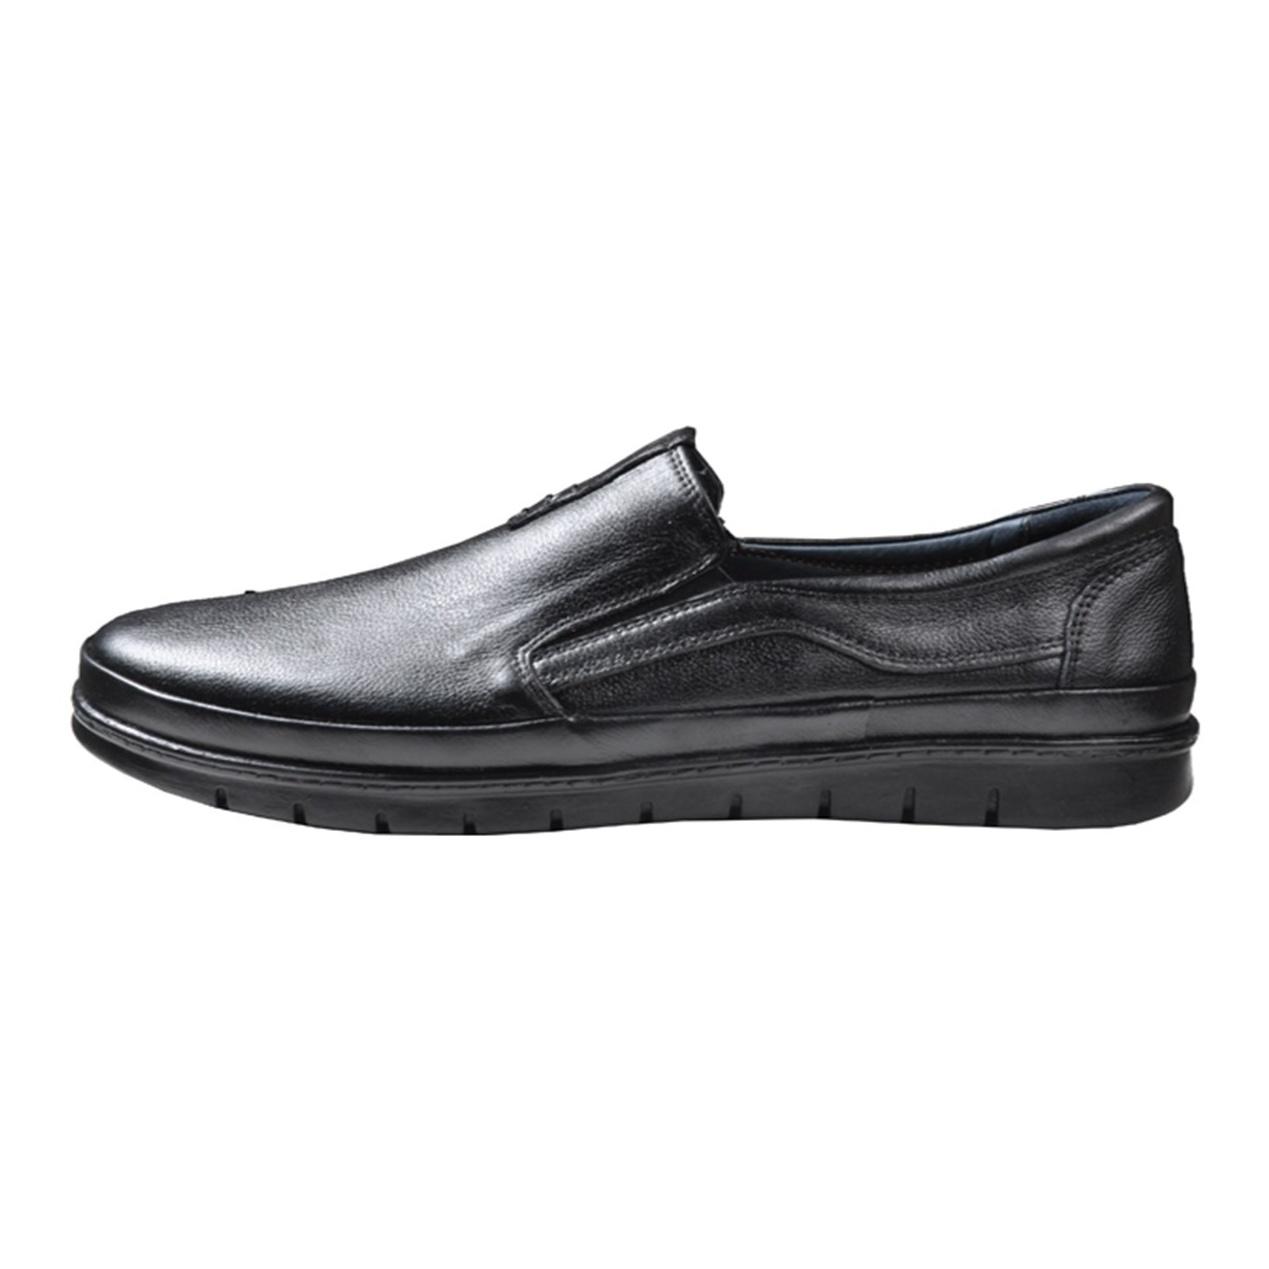 کفش چرم مردانه آریوان مدل AR104 M